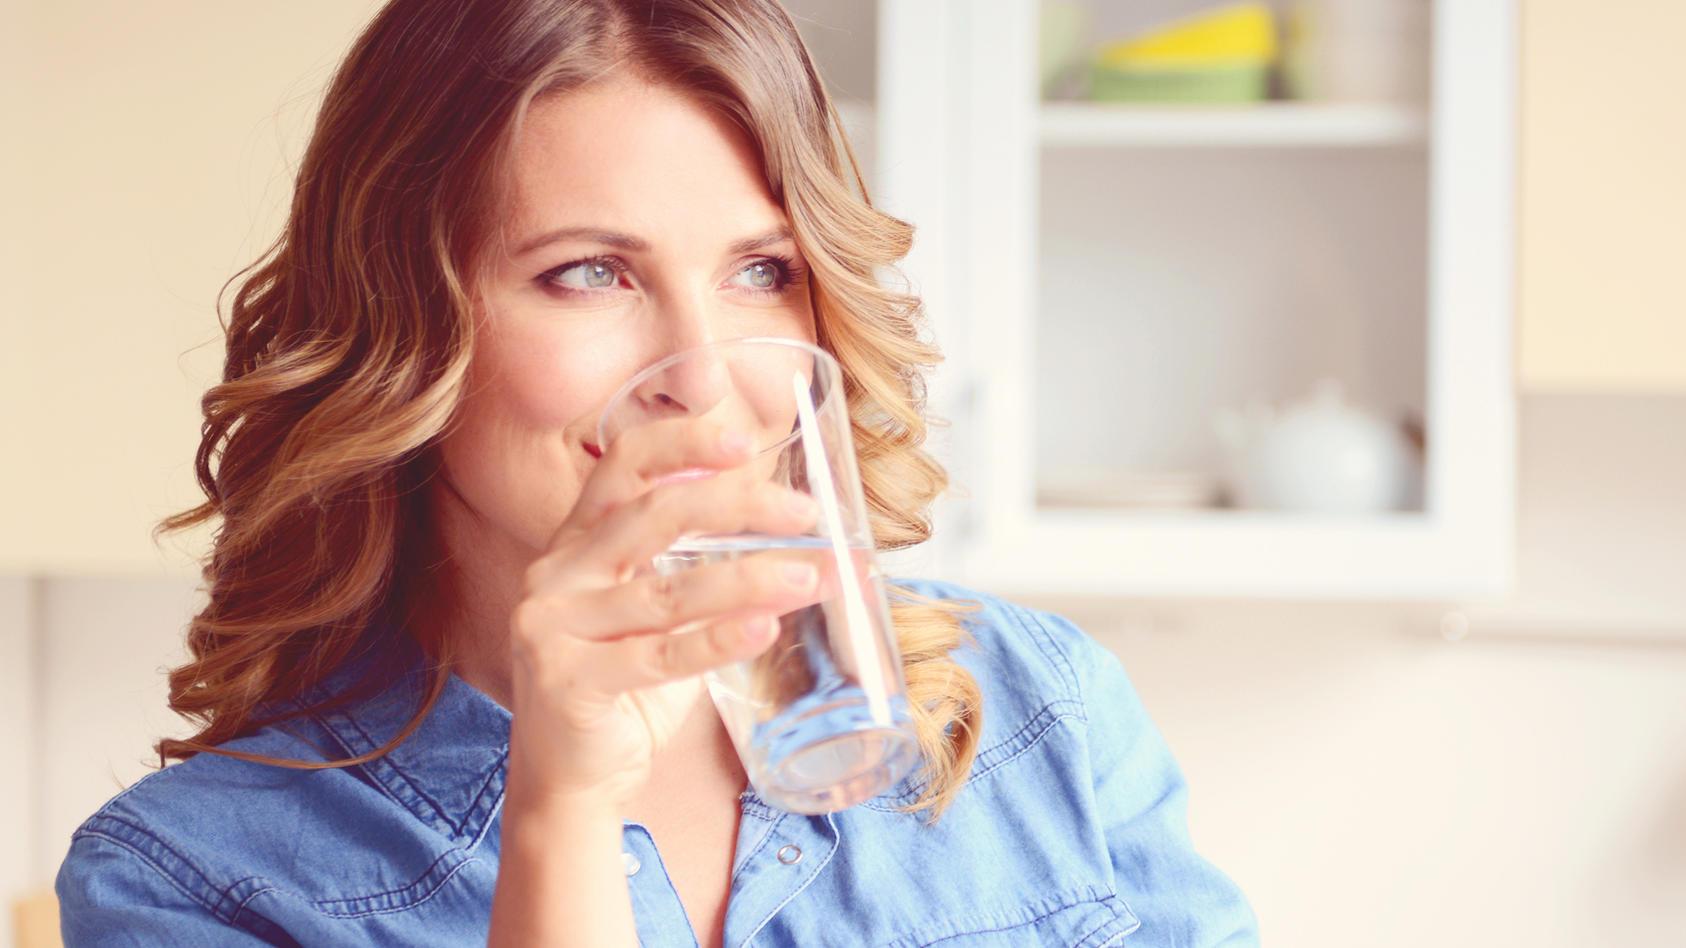 Ein neuer Trend? Der Trinkwasserverbrauch pro Einwohner ist während Corona deutlich gestiegen.